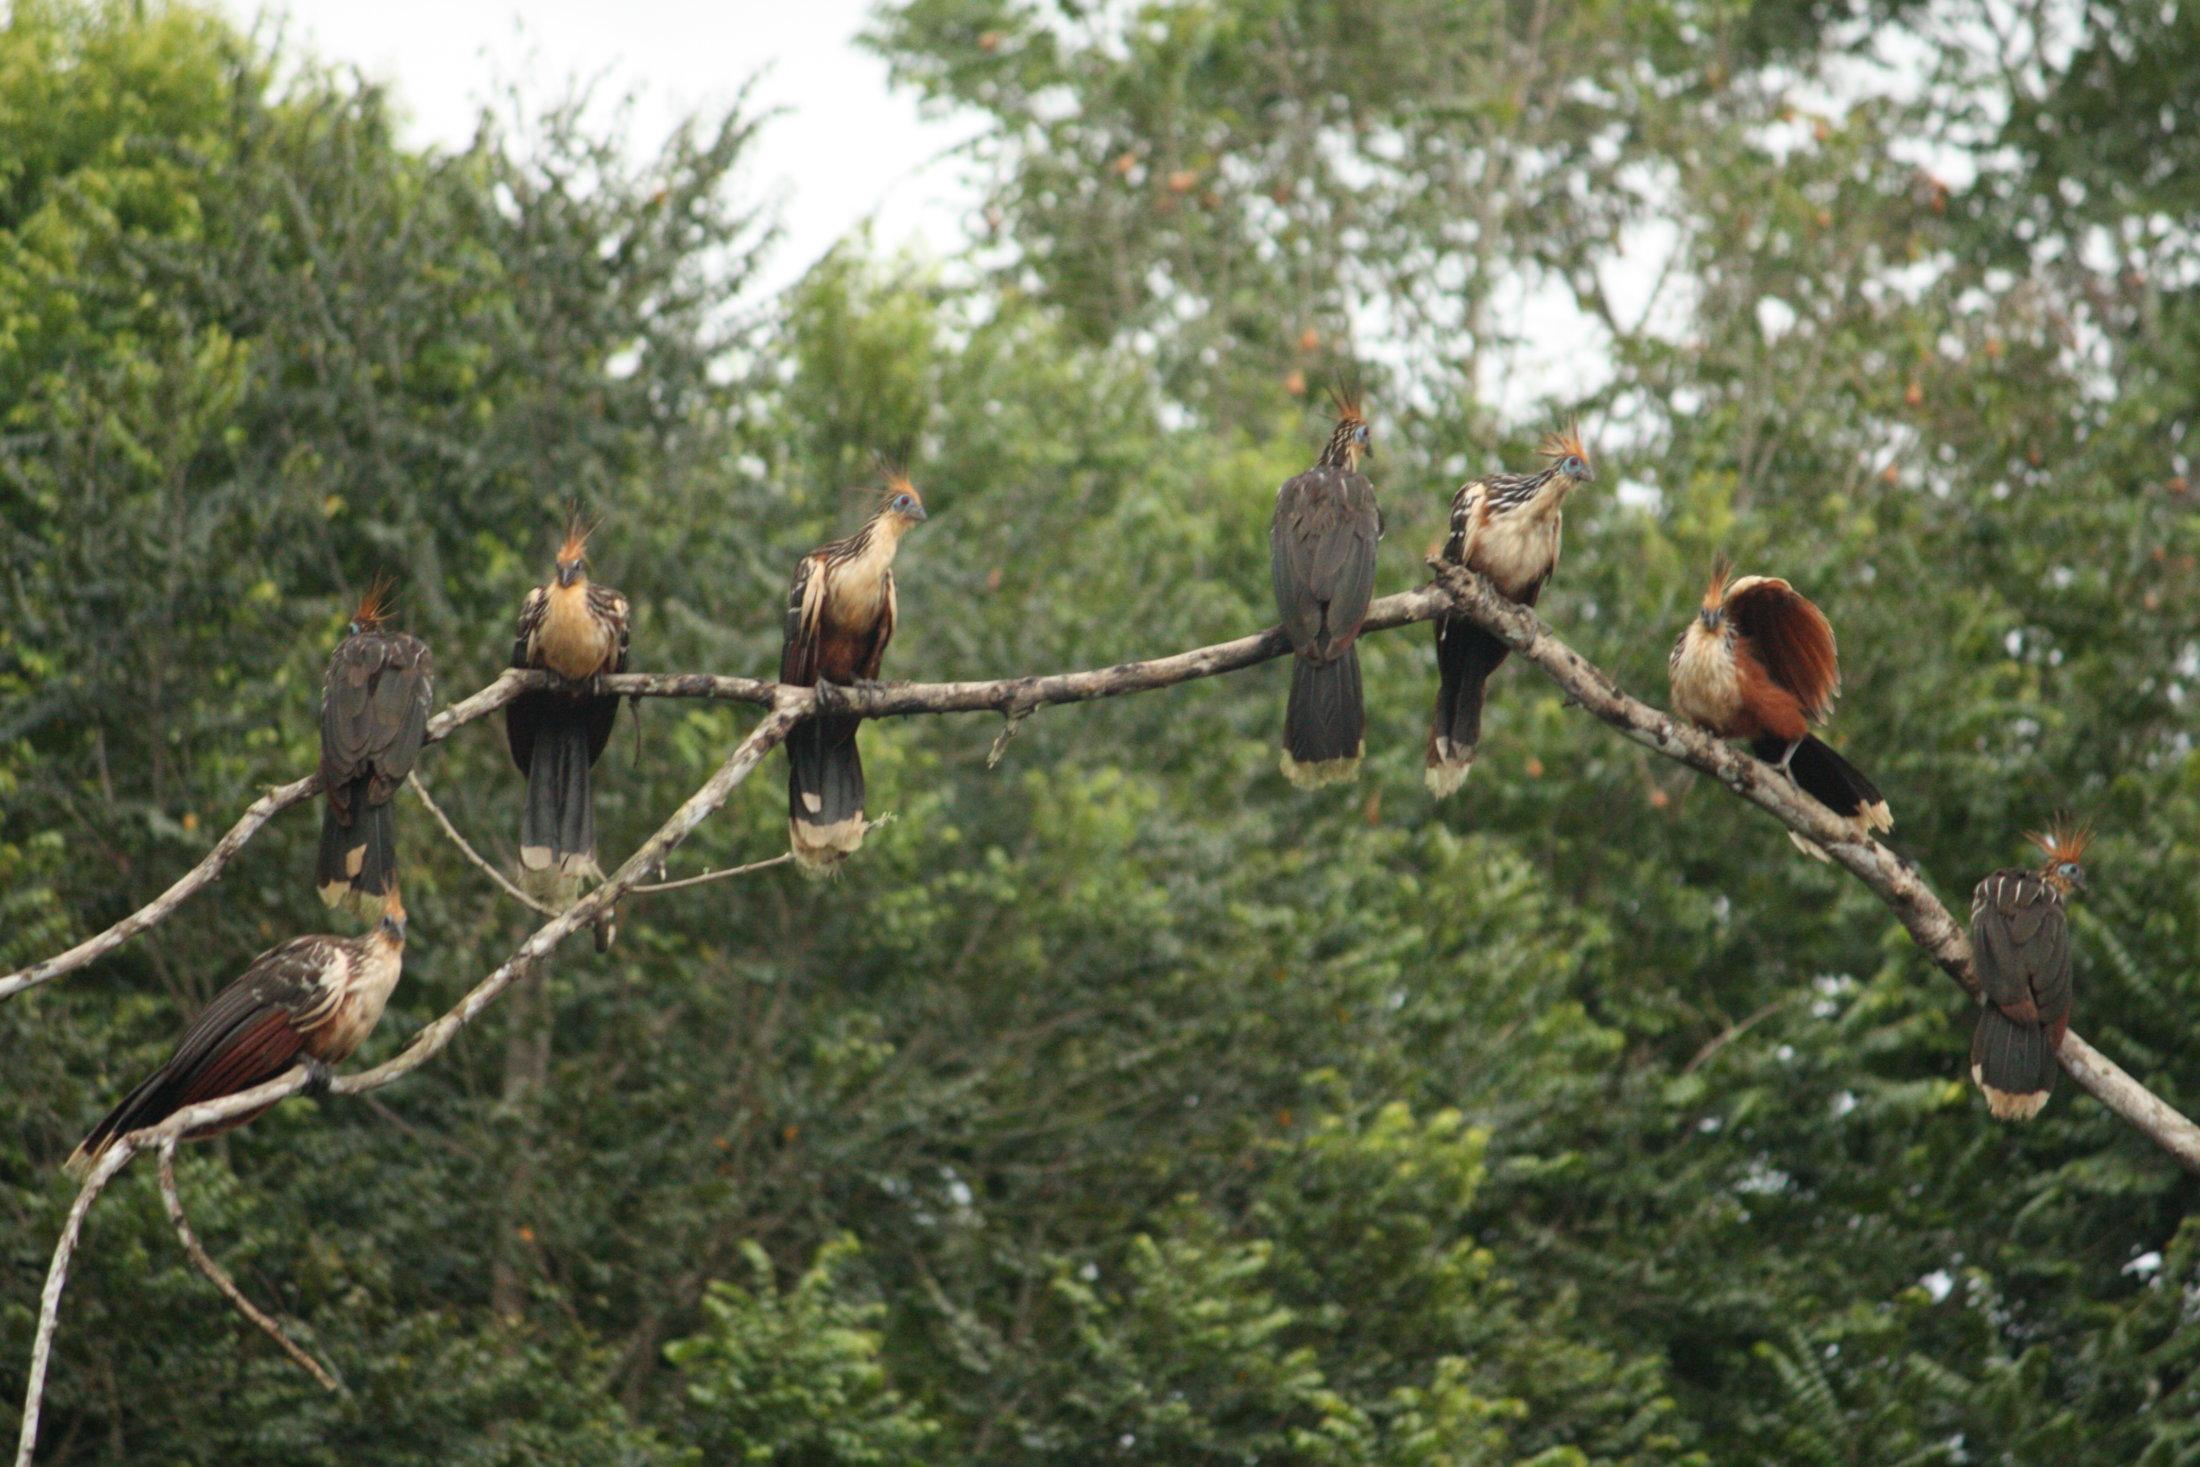 Um grupo de ciganas (Opisthocomus hoazin)